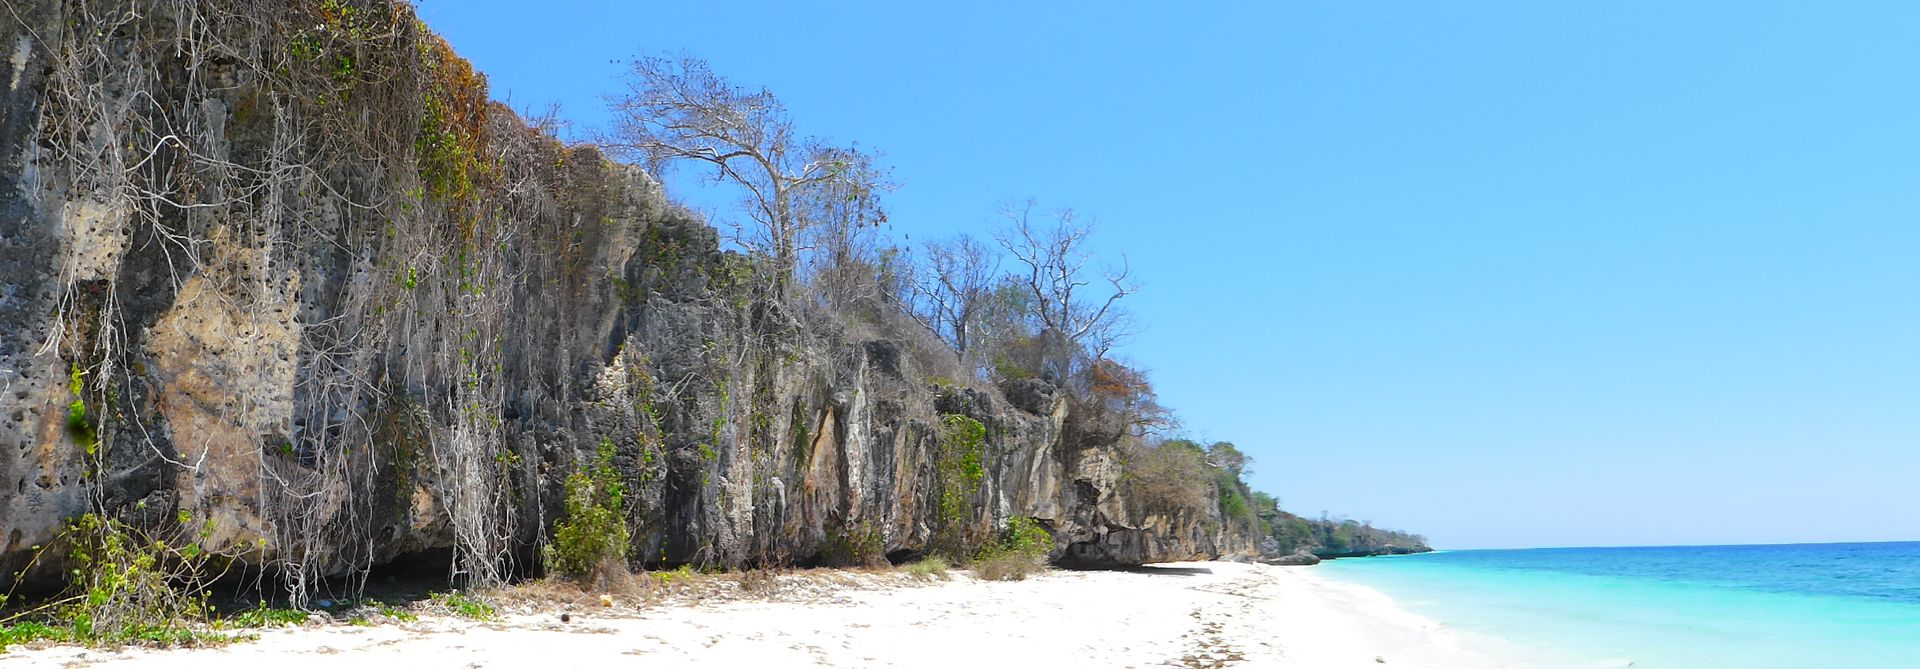 Kannibalen Insel